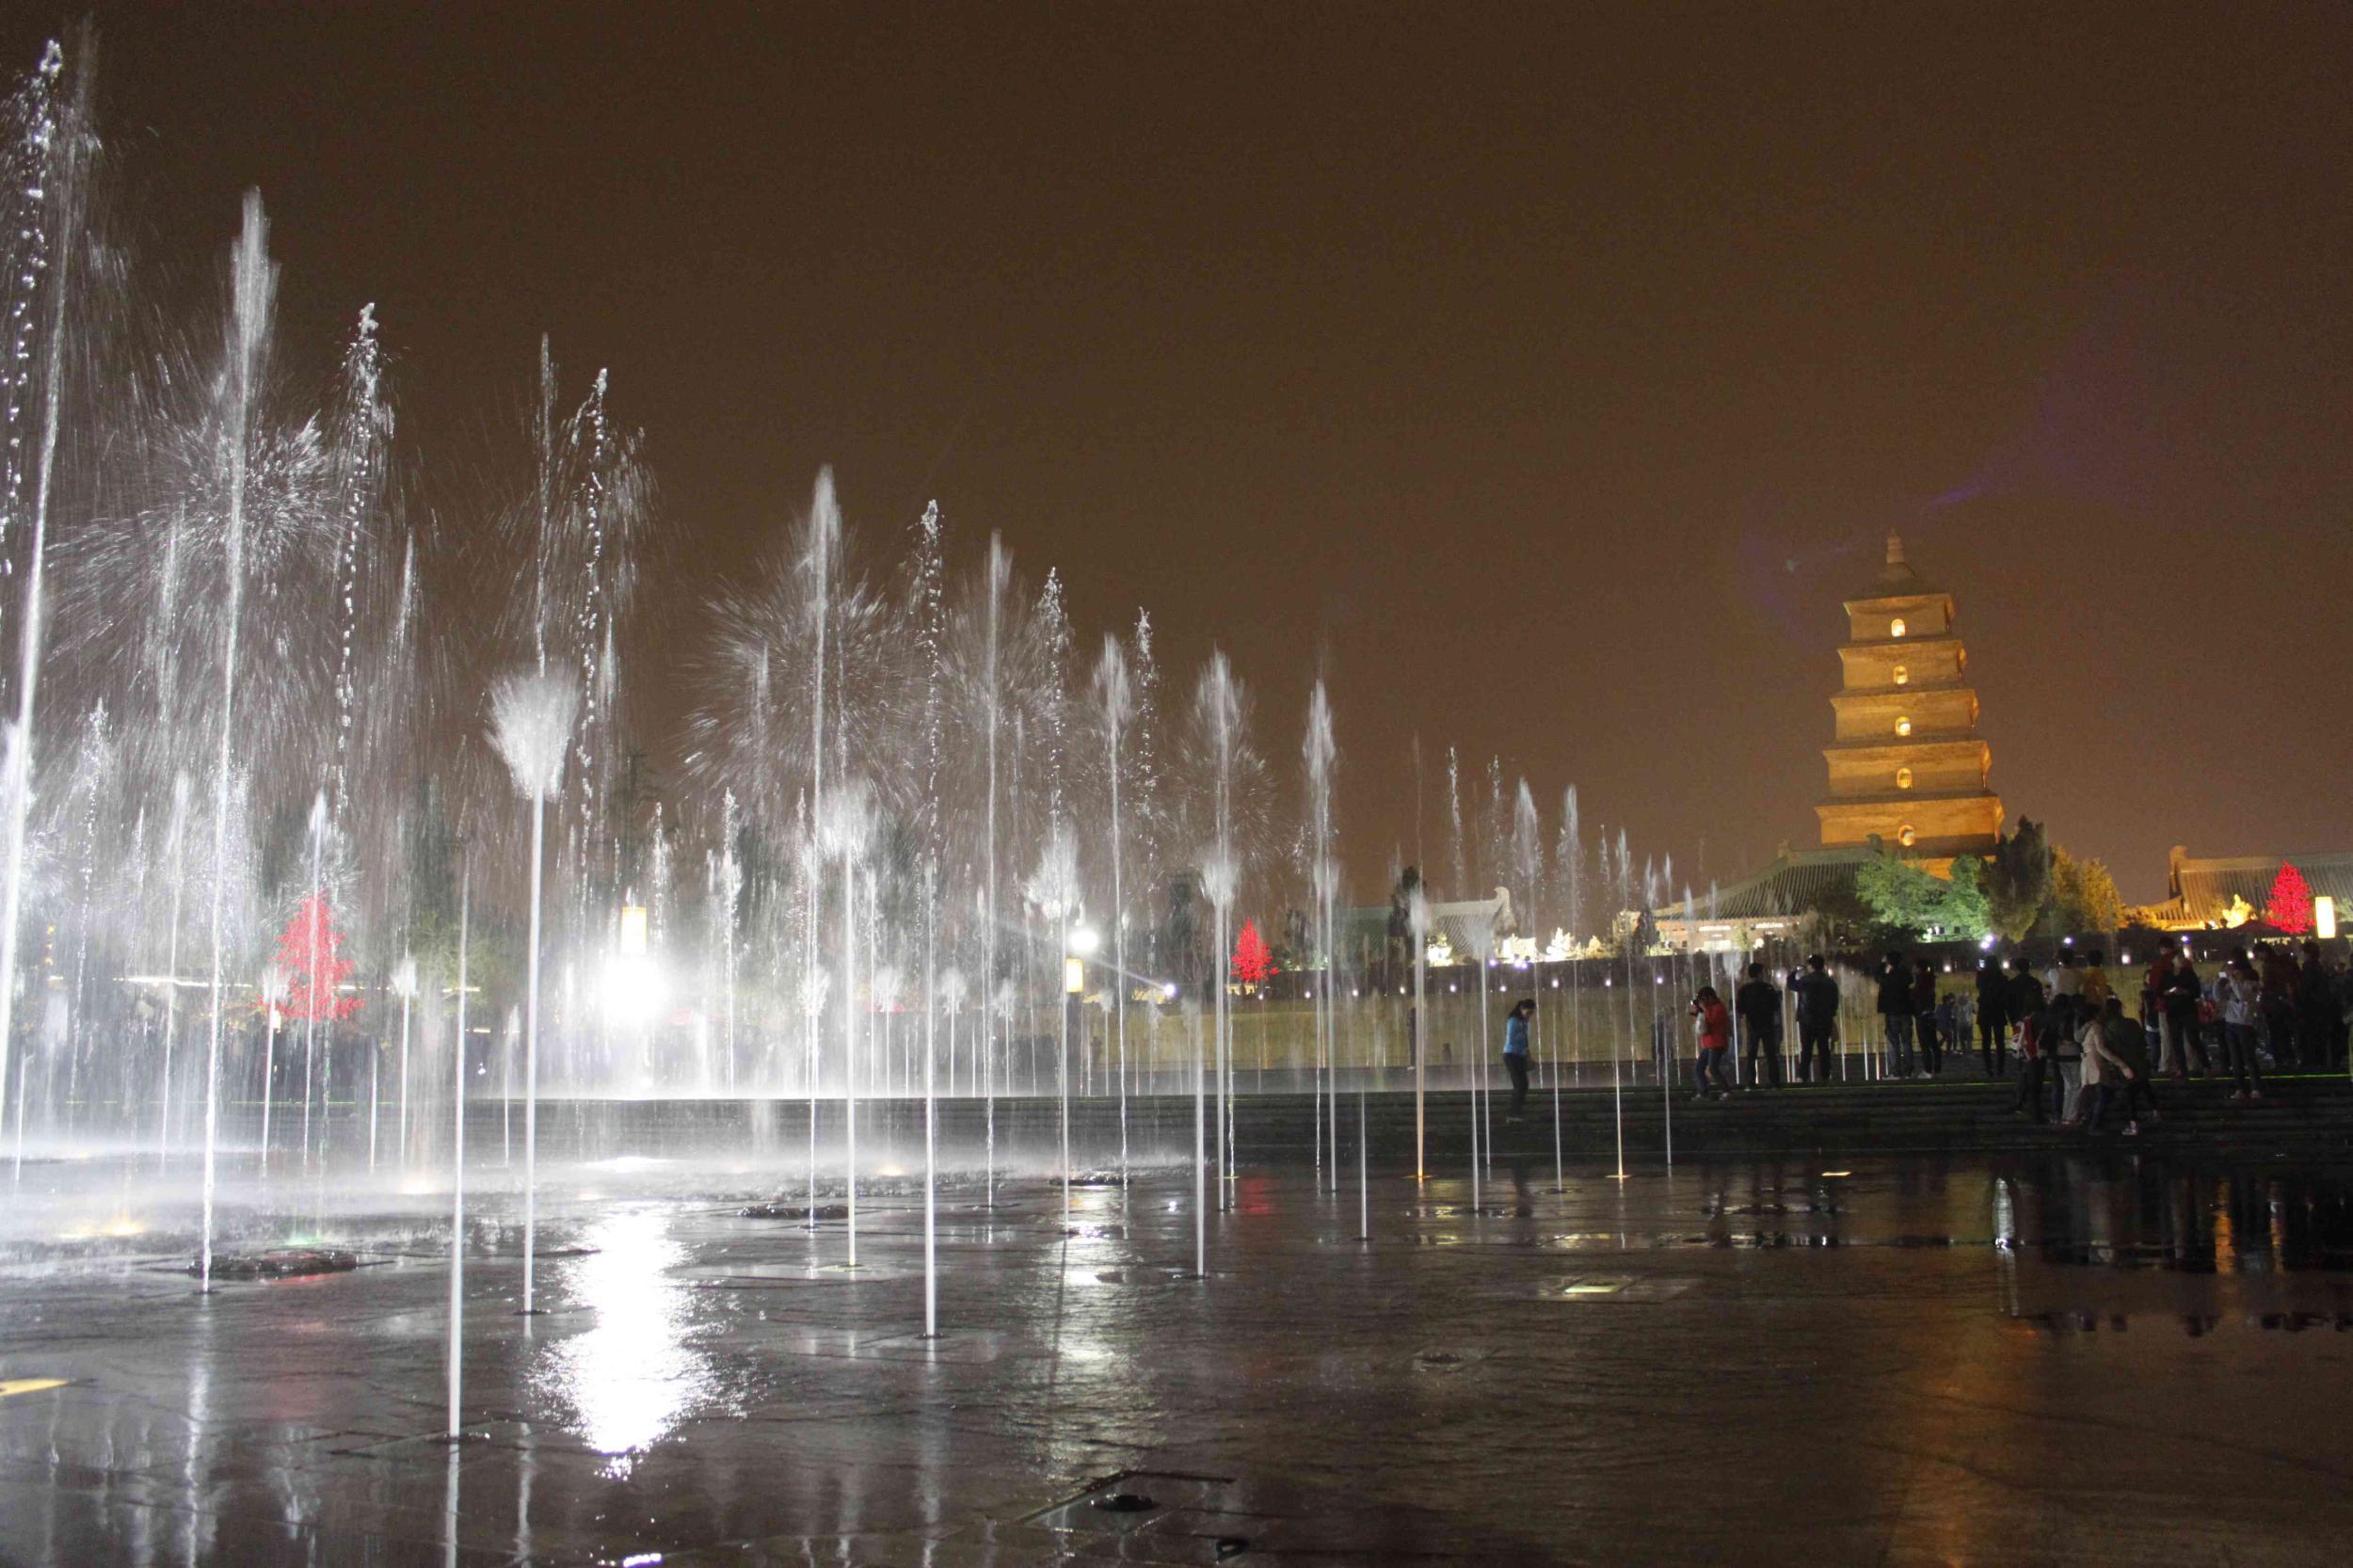 西安 大雁塔/西安夜景//大雁塔音乐喷泉图片